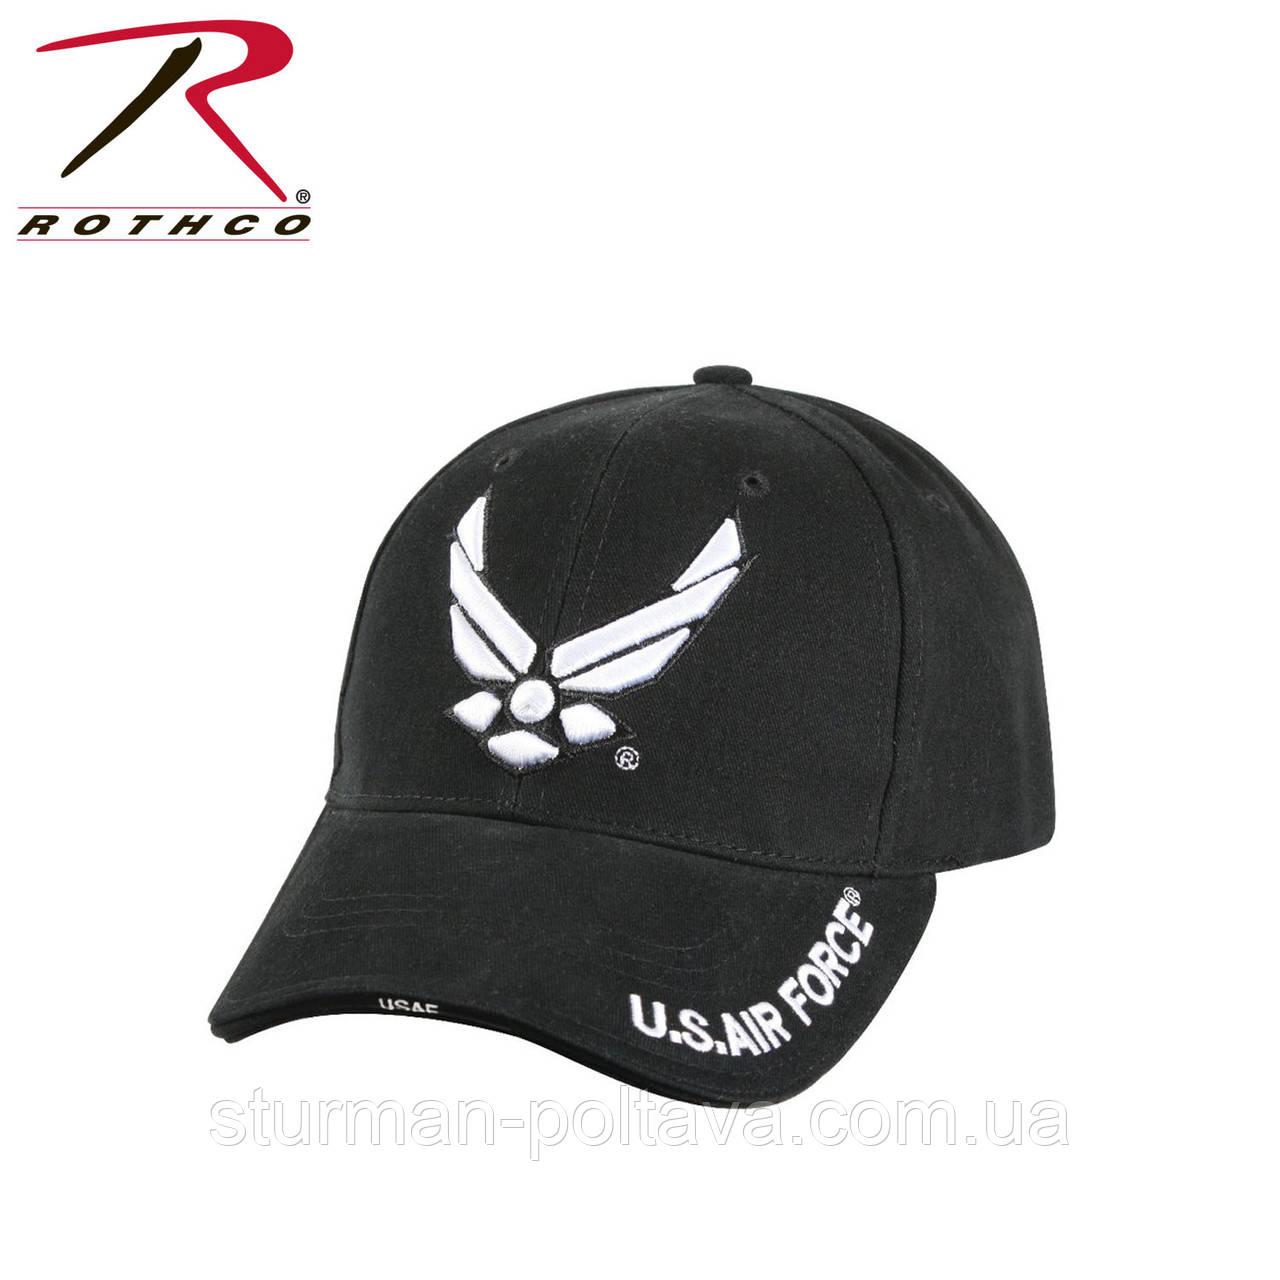 Бейсболка мужская  черная с логотипом ВВС Авиация Rotcho USA